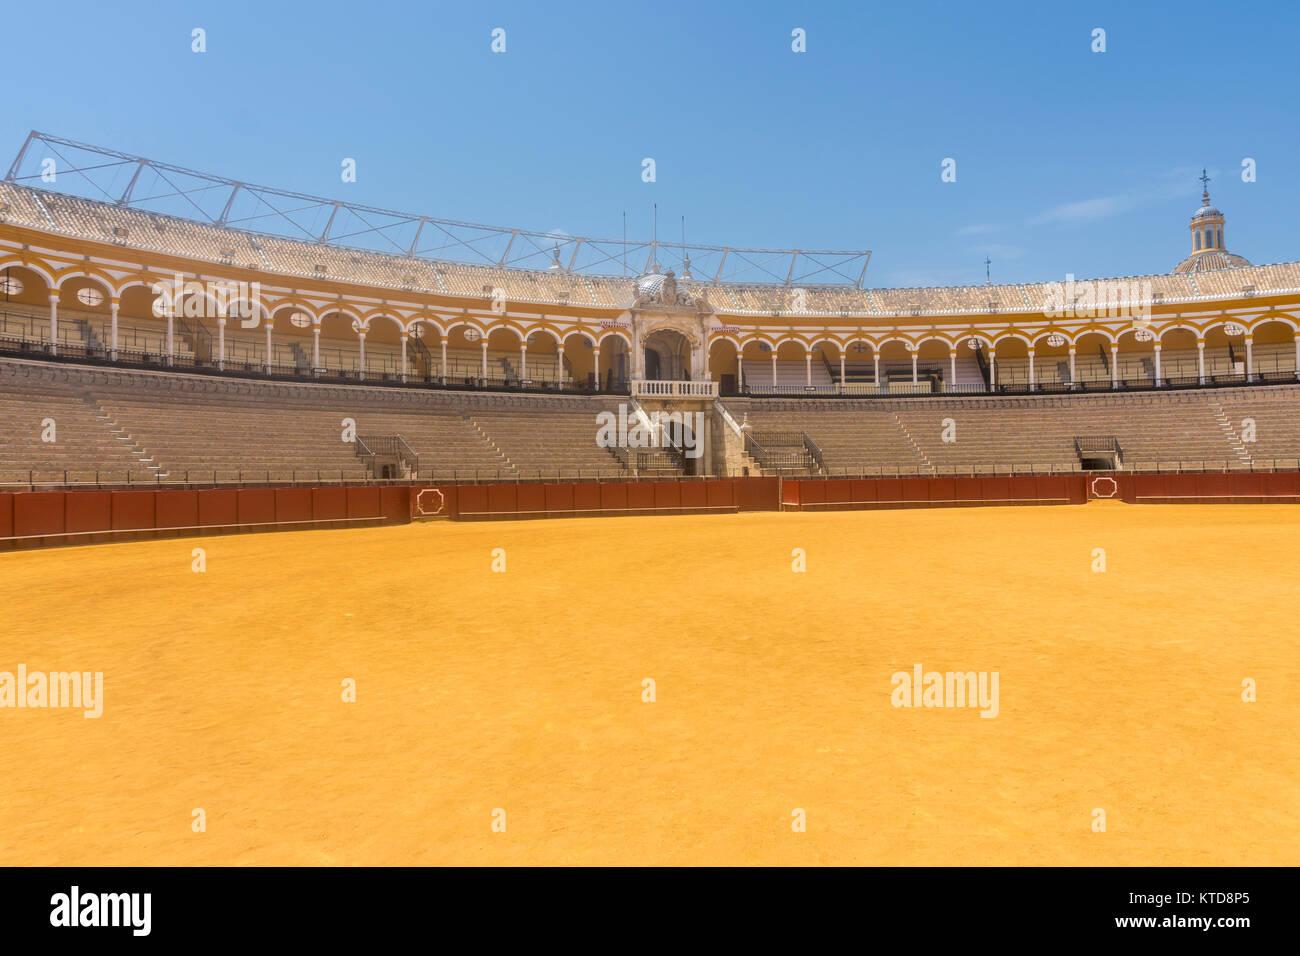 Seville,Spain-august 7,2017:inside the Plaza de toros de la Real Maestranza de Caballería de Sevilla in Spain. - Stock Image